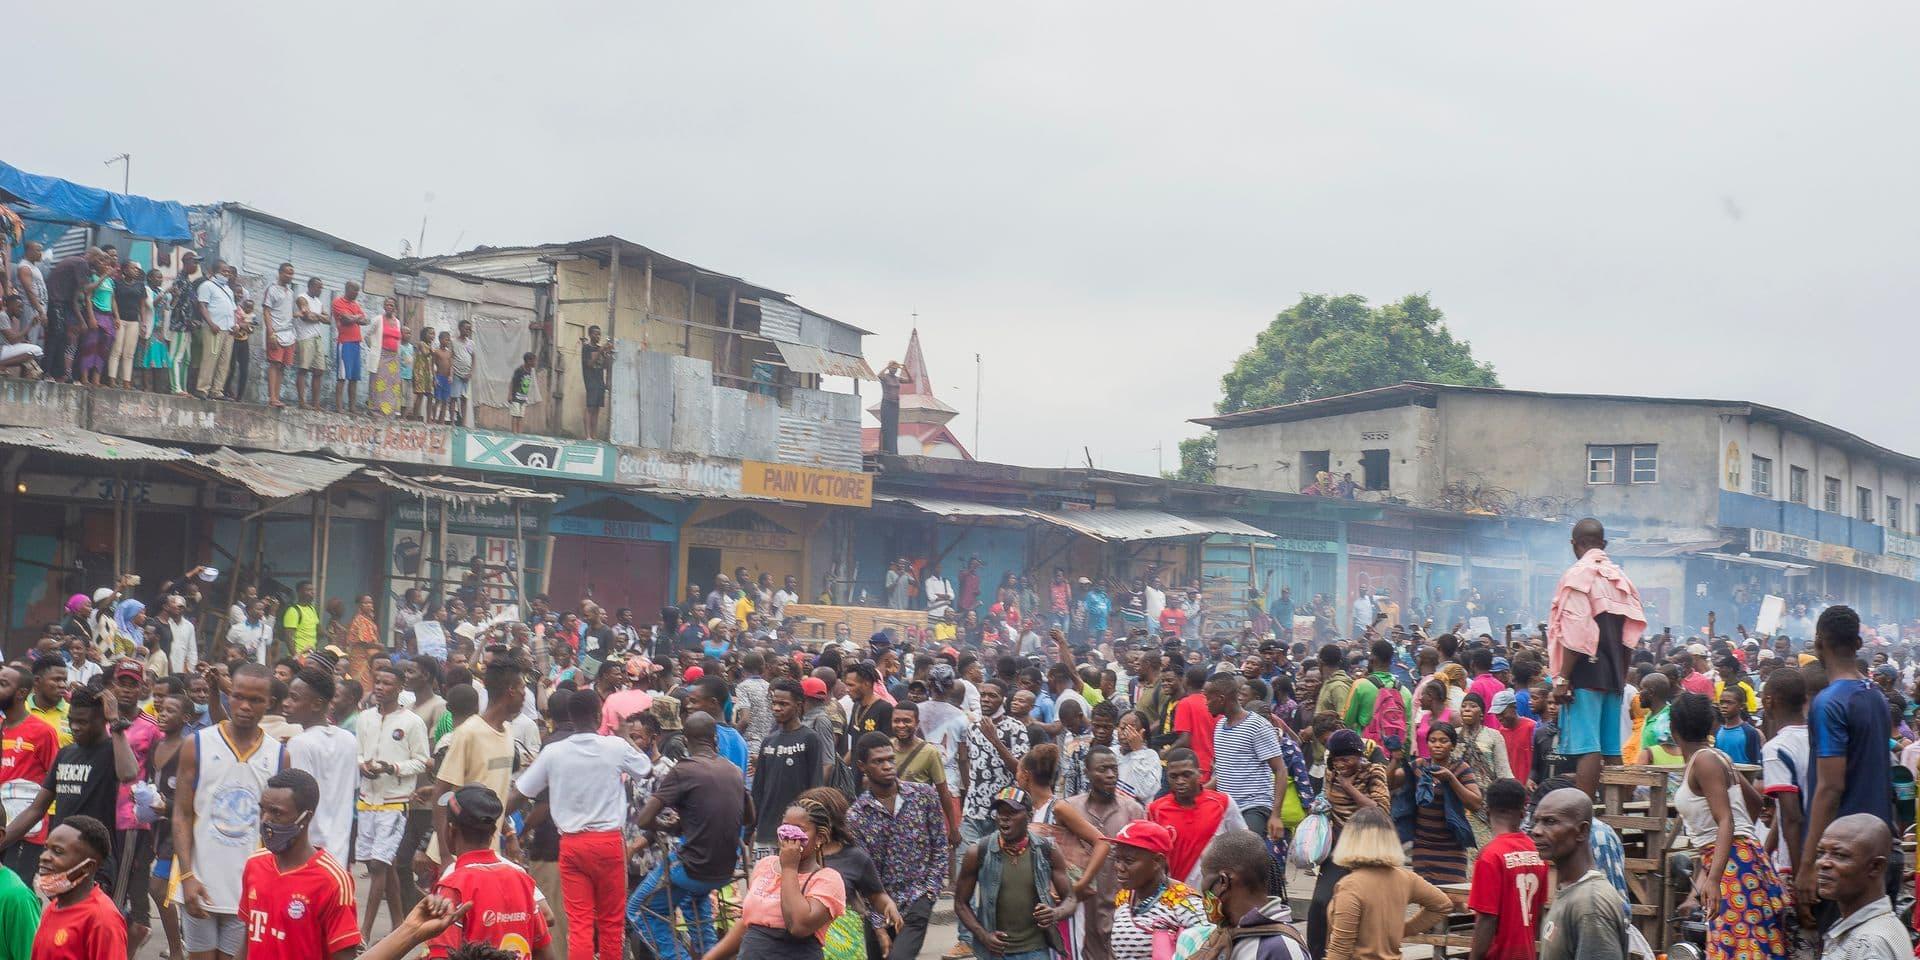 À Kinshasa, la lutte contre le coronavirus se heurte encore à de nombreux obstacles